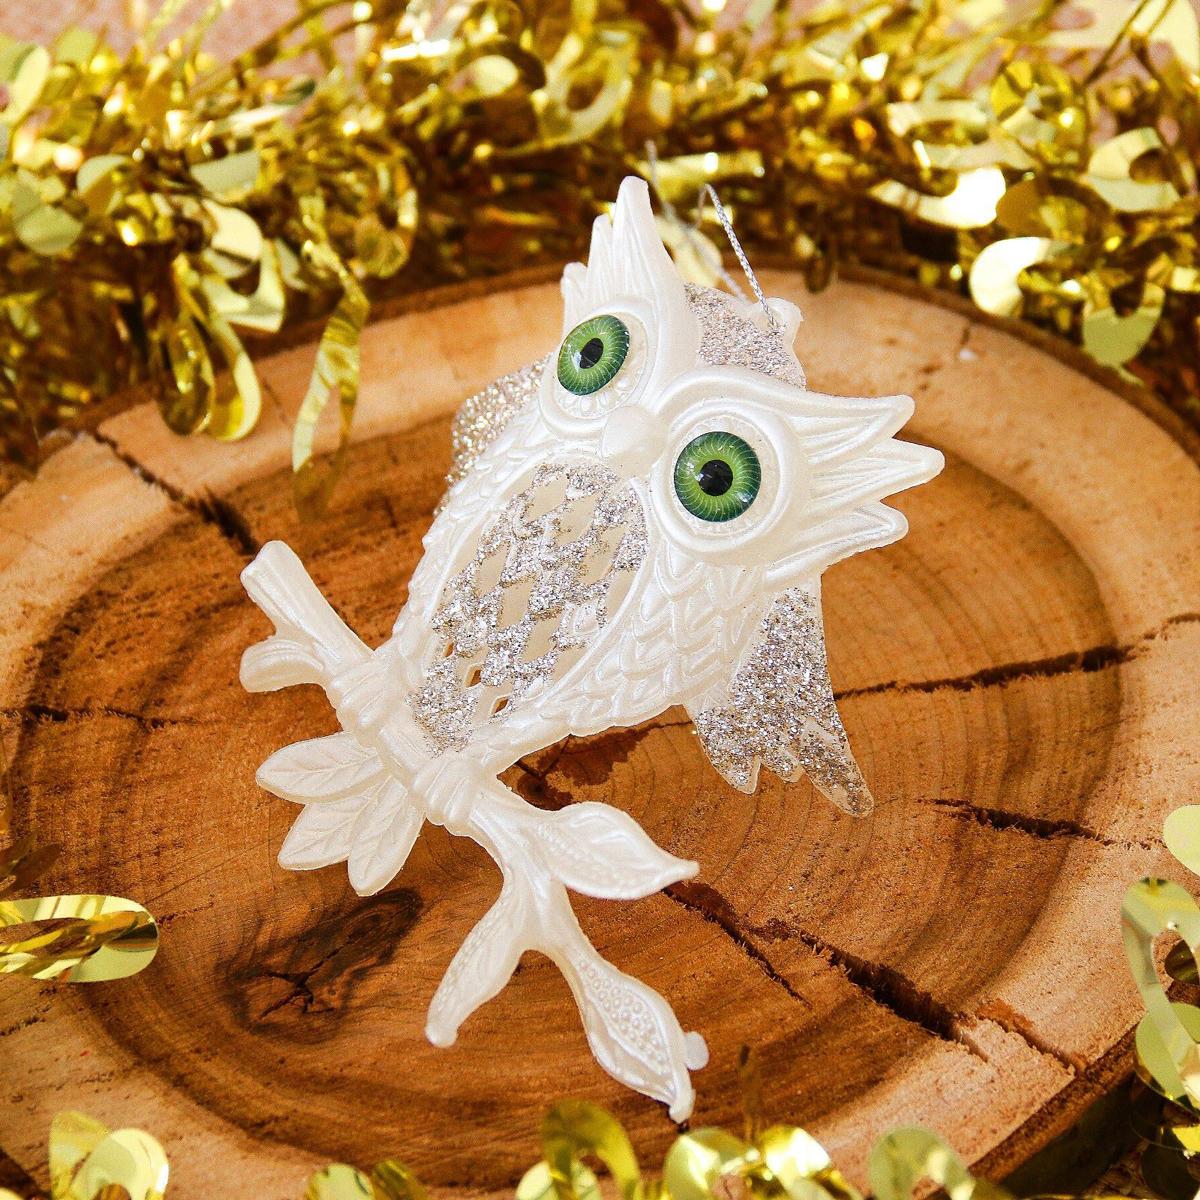 Украшение новогоднее елочное Филин, 10 х 10 см2371447Невозможно представить нашу жизнь без праздников! Мы всегда ждем их и предвкушаем, обдумываем, как проведем памятный день, тщательно выбираем подарки и аксессуары, ведь именно они создают и поддерживают торжественный настрой. Это отличный выбор, который привнесет атмосферу праздника в ваш дом!